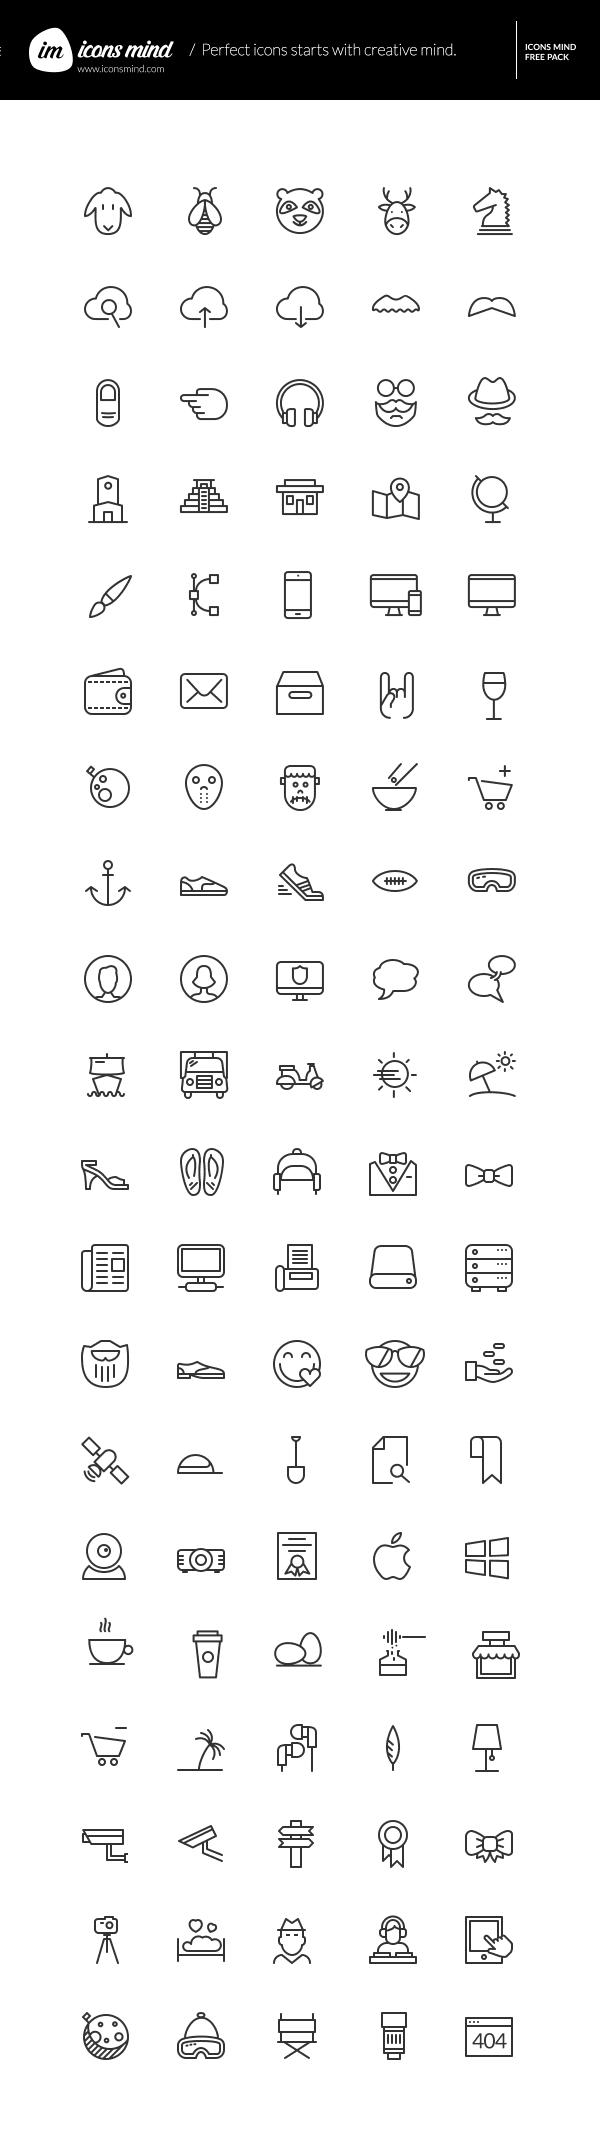 Iconsmind-free-600